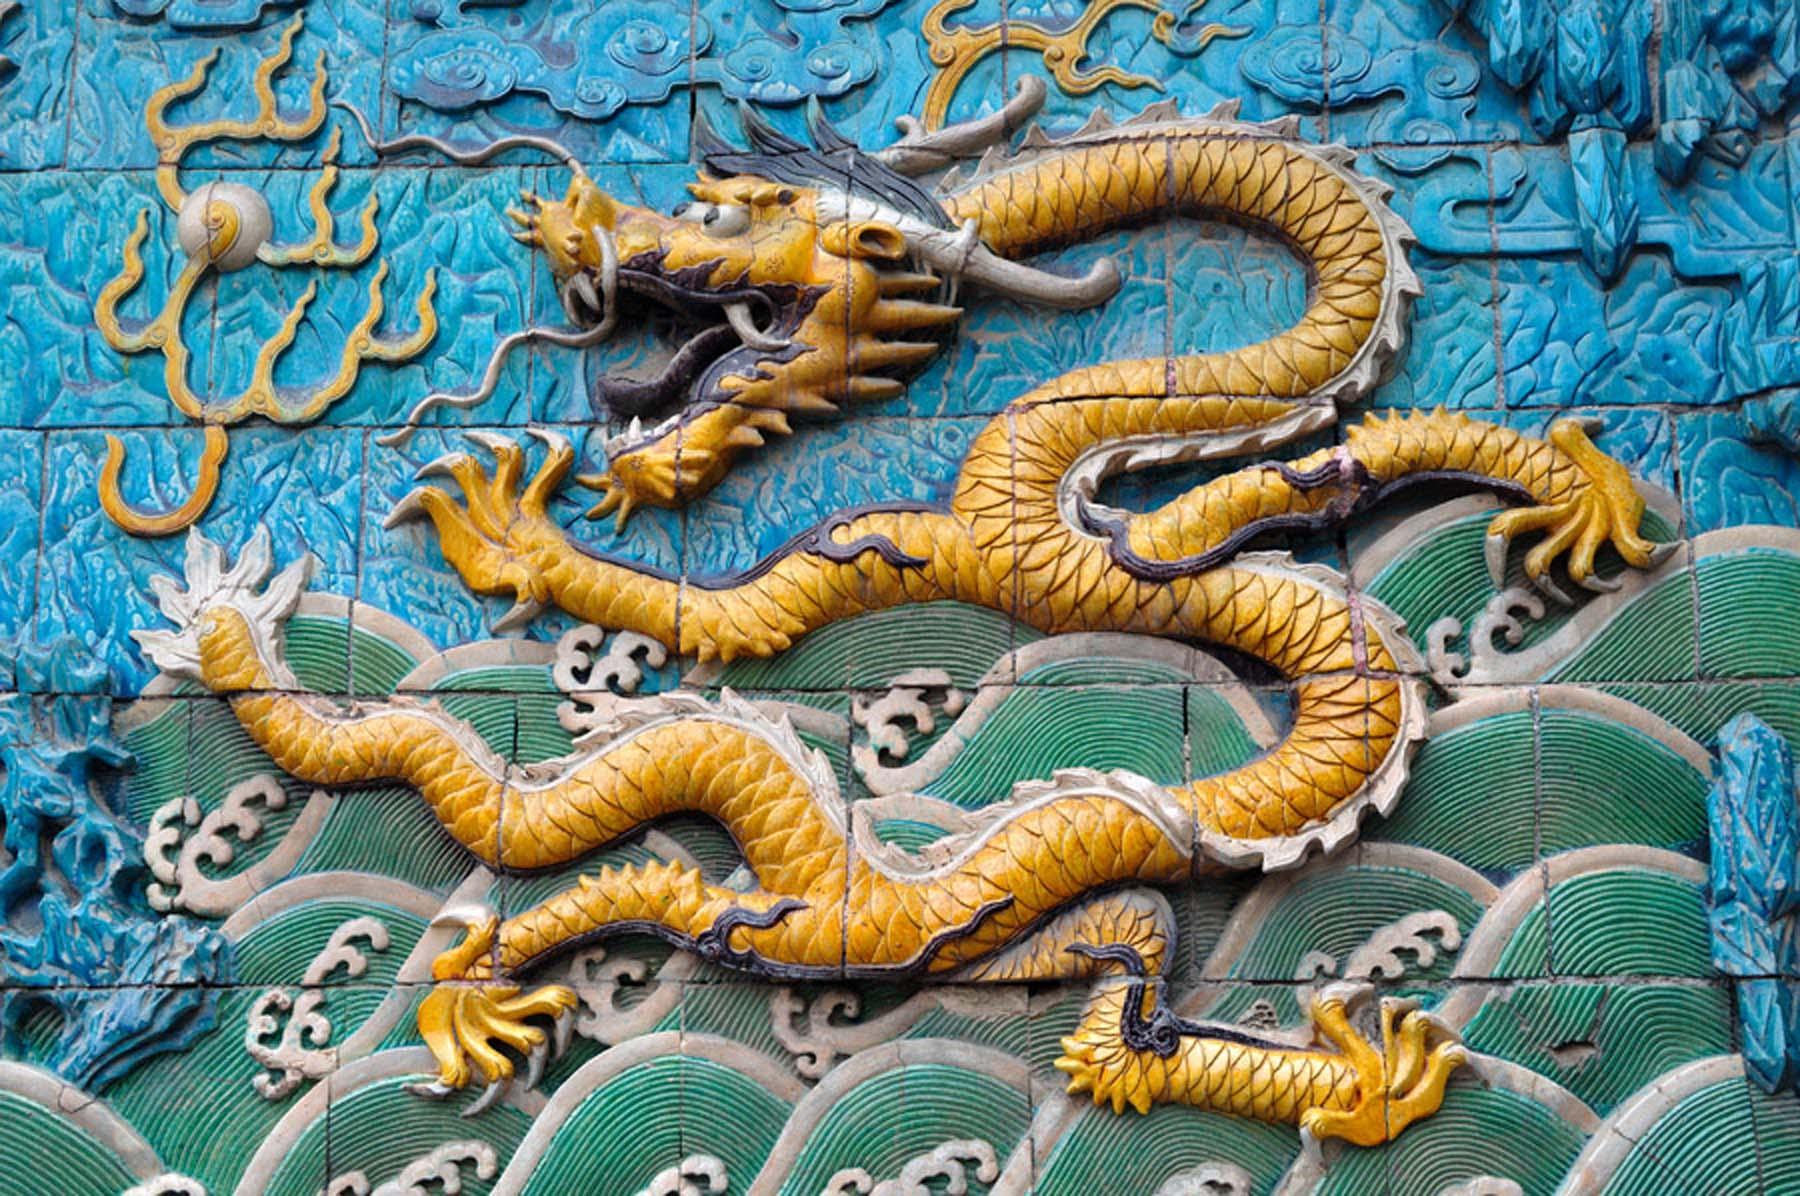 ciudad-prohibida-muro-nueve-dragones